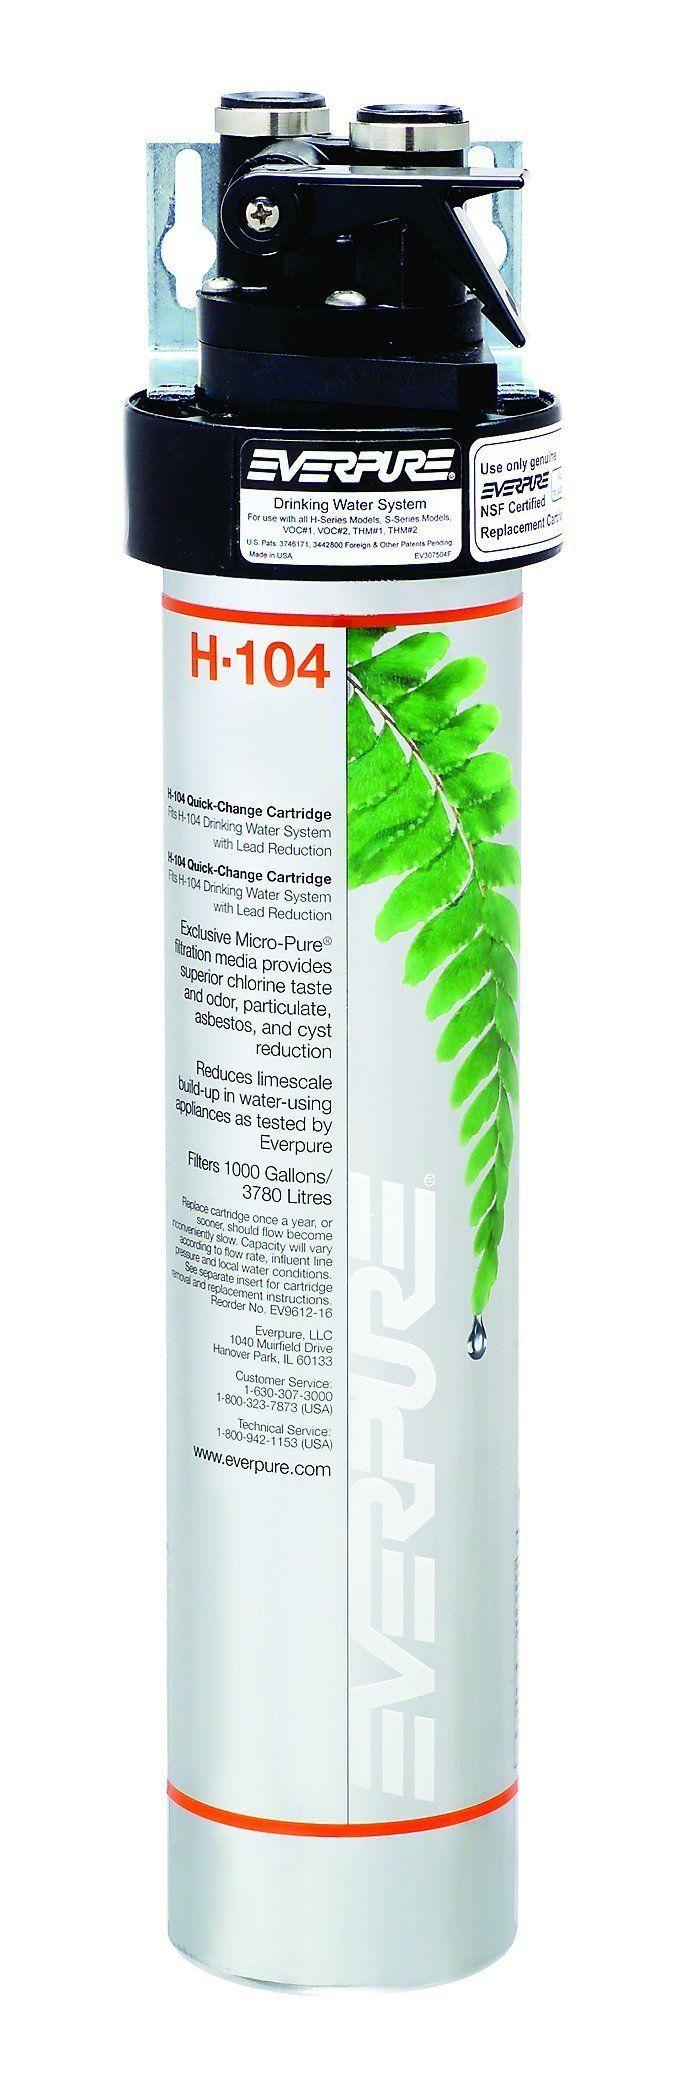 I Filtri Everpure hanno un esclusivo sistema di filtrazione ai carboni attivi in grado di eliminare cattivi odori e sapori dall'acqua del rubinetto di casa! www.termoidraulicarv.com